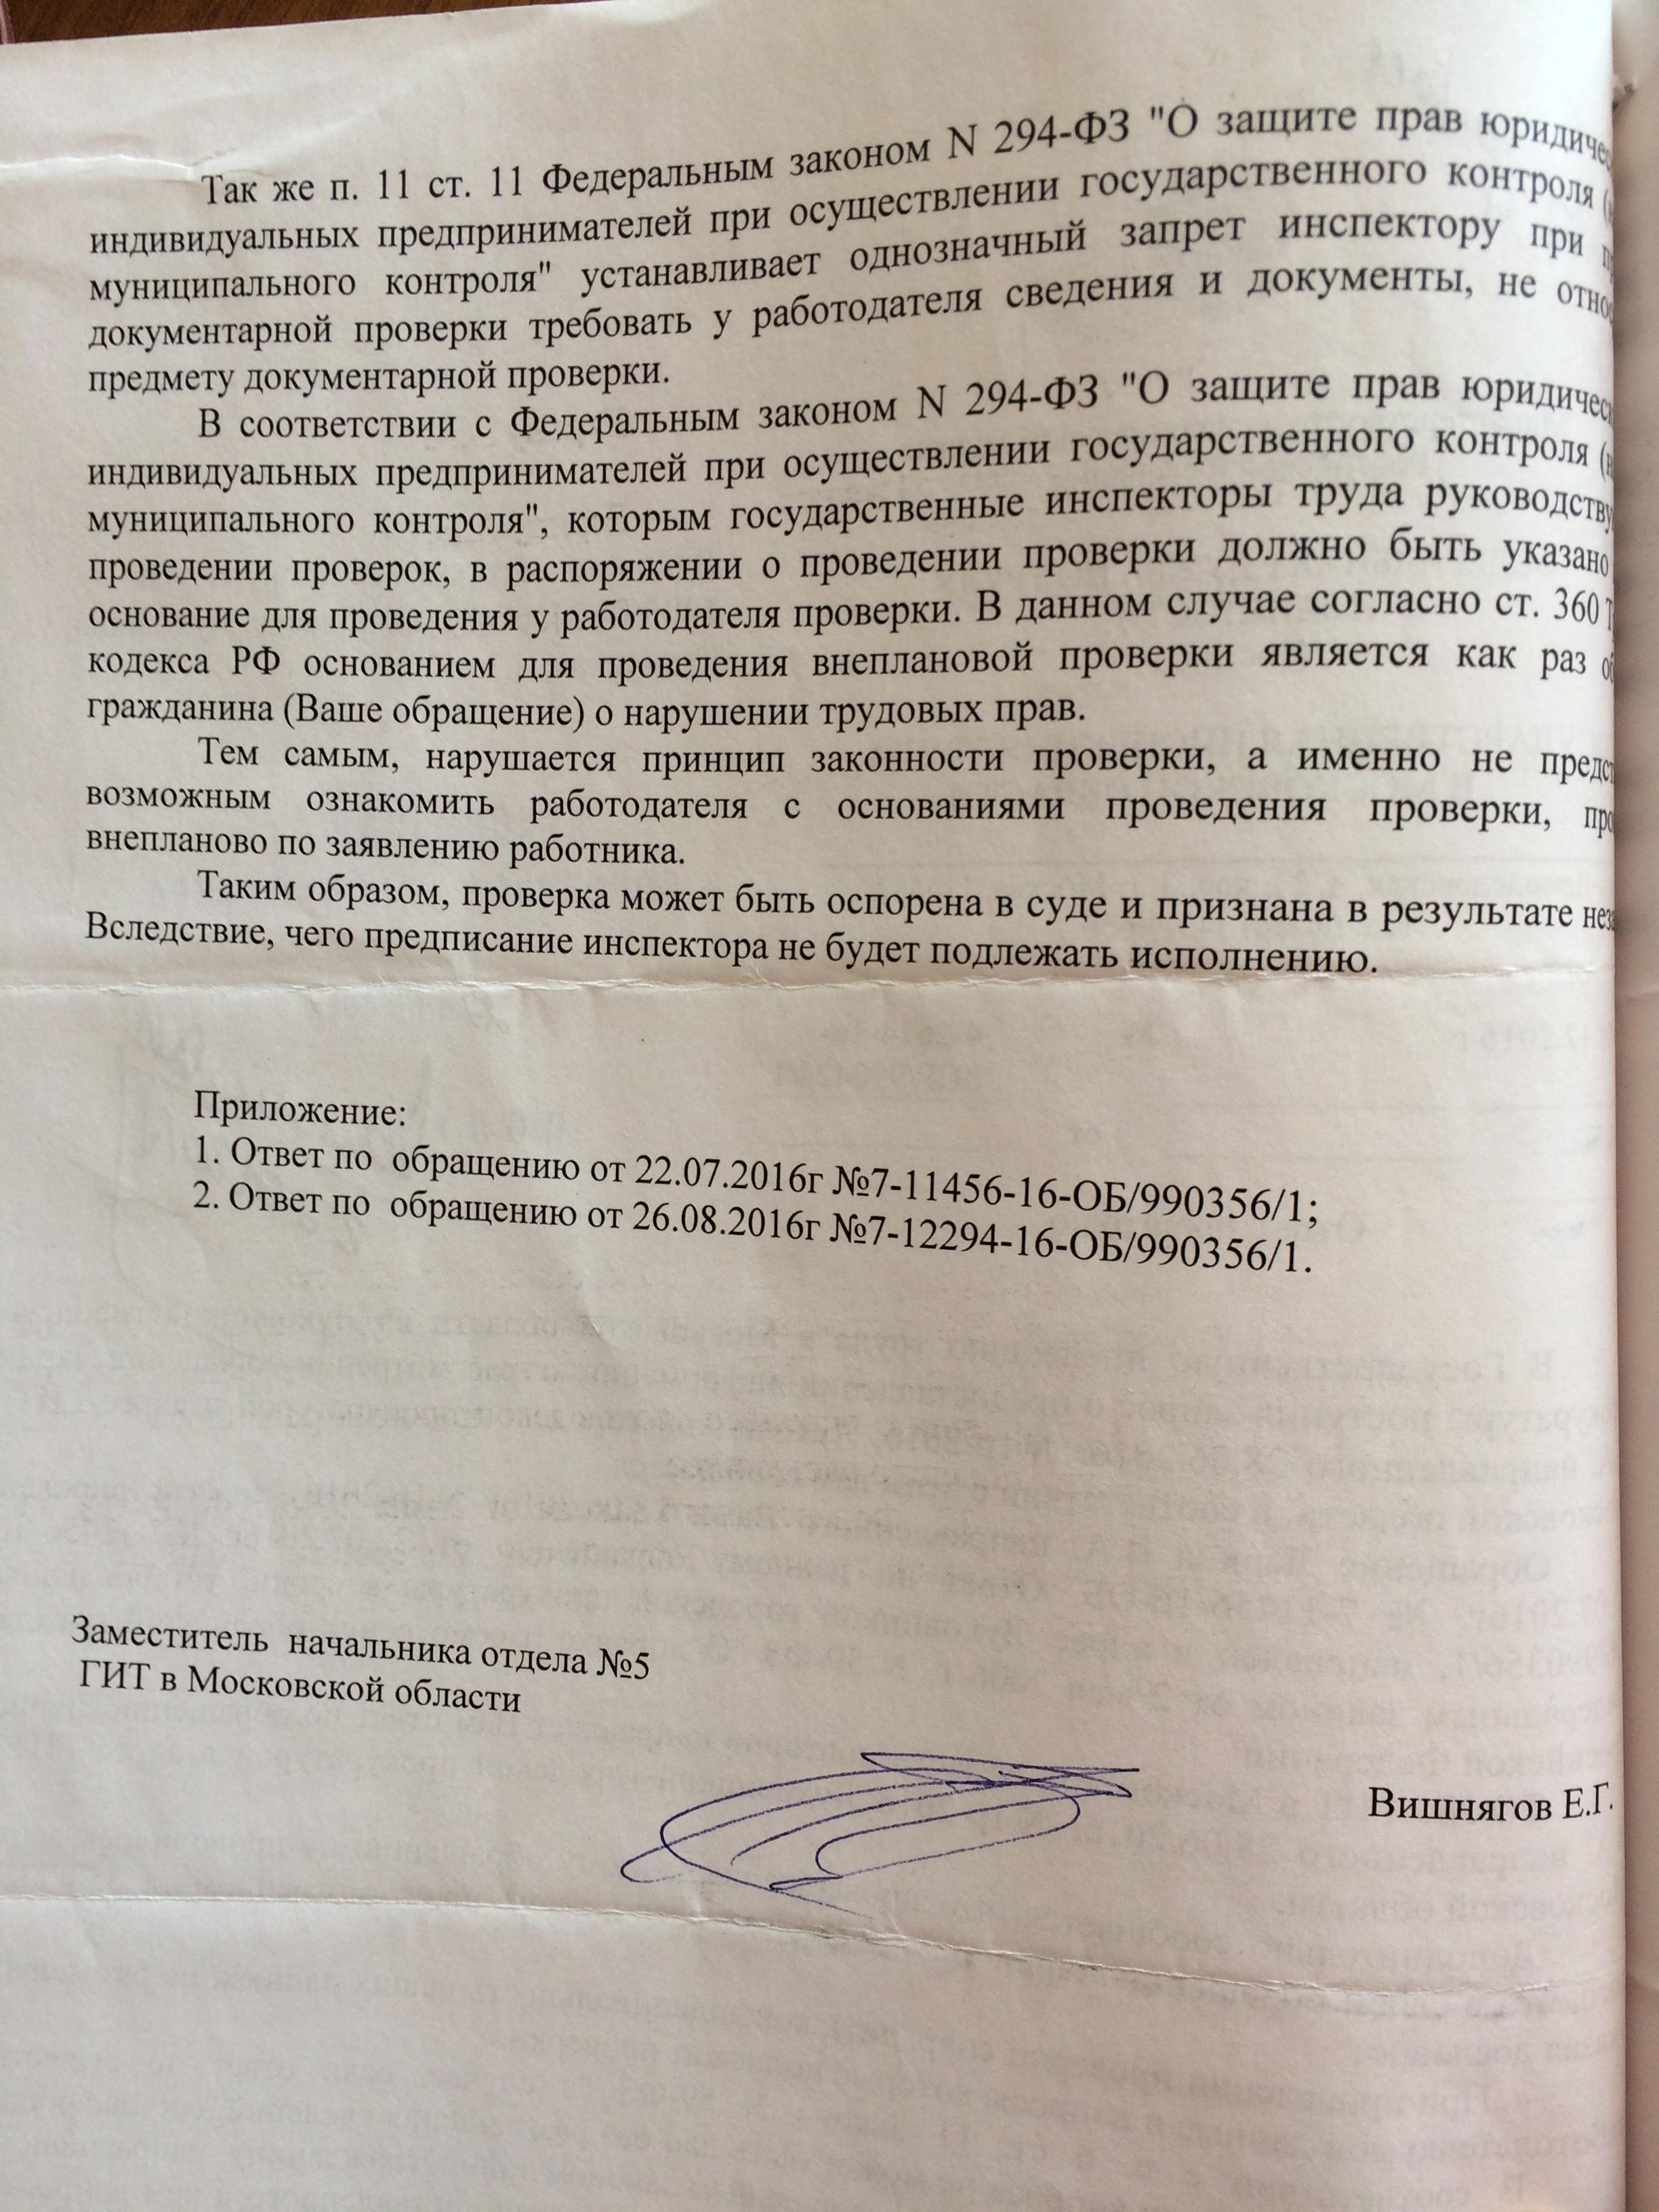 Фото документов проверки Луховицкой городской прокуратурой - 9 (5)